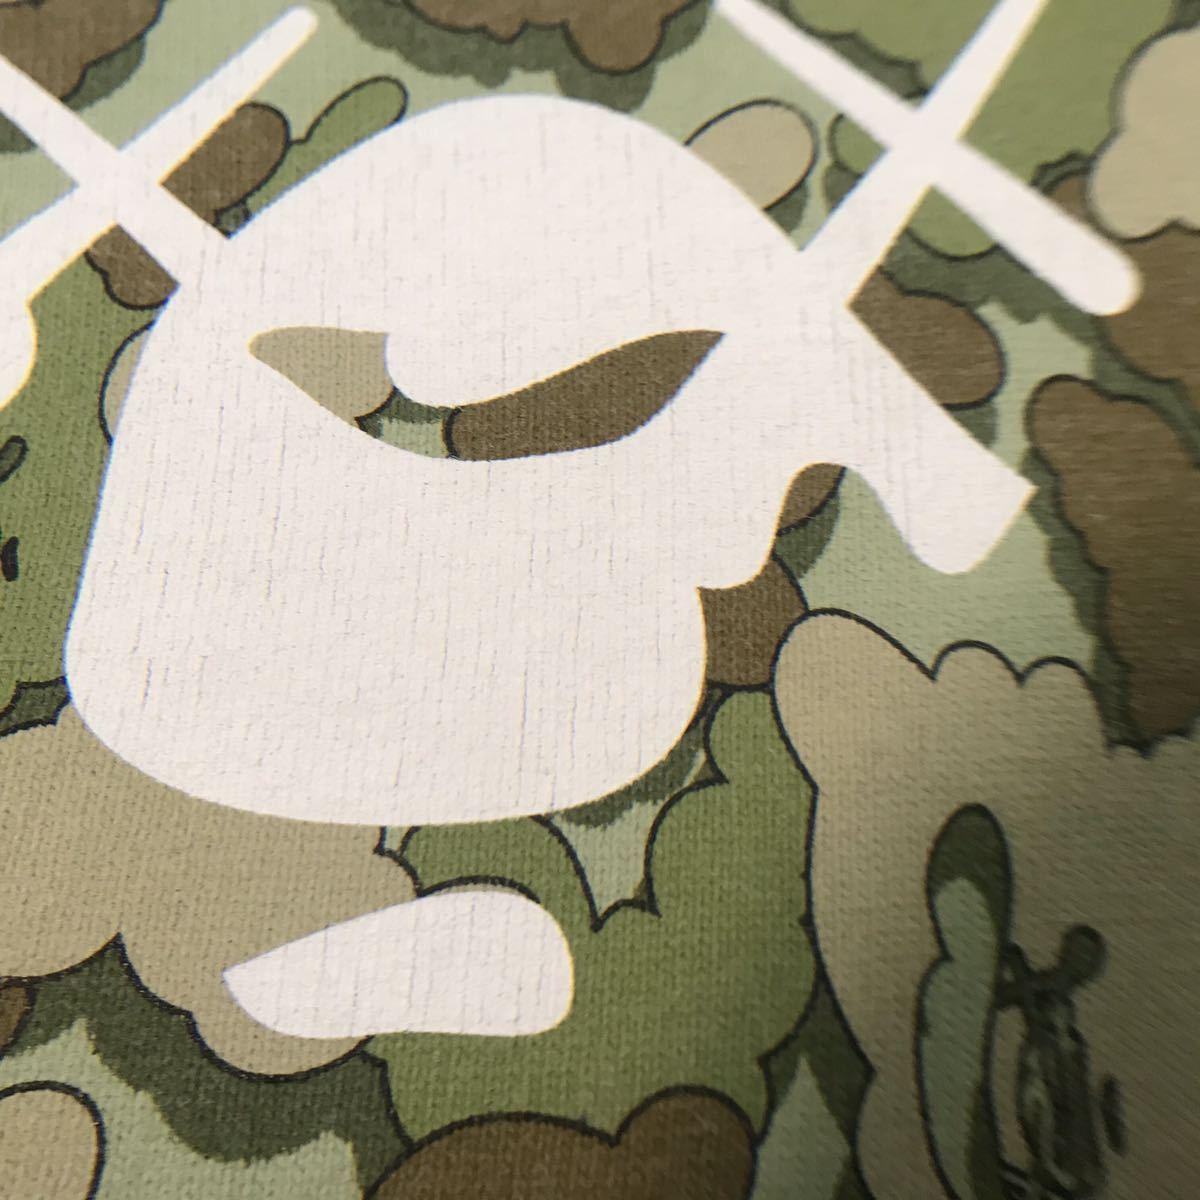 ★激レア★ kaws × bape cloud camo big head Tシャツ Lサイズ a bathing ape カウズ エイプ ベイプ アベイシングエイプ 迷彩 nigo 3252_画像4